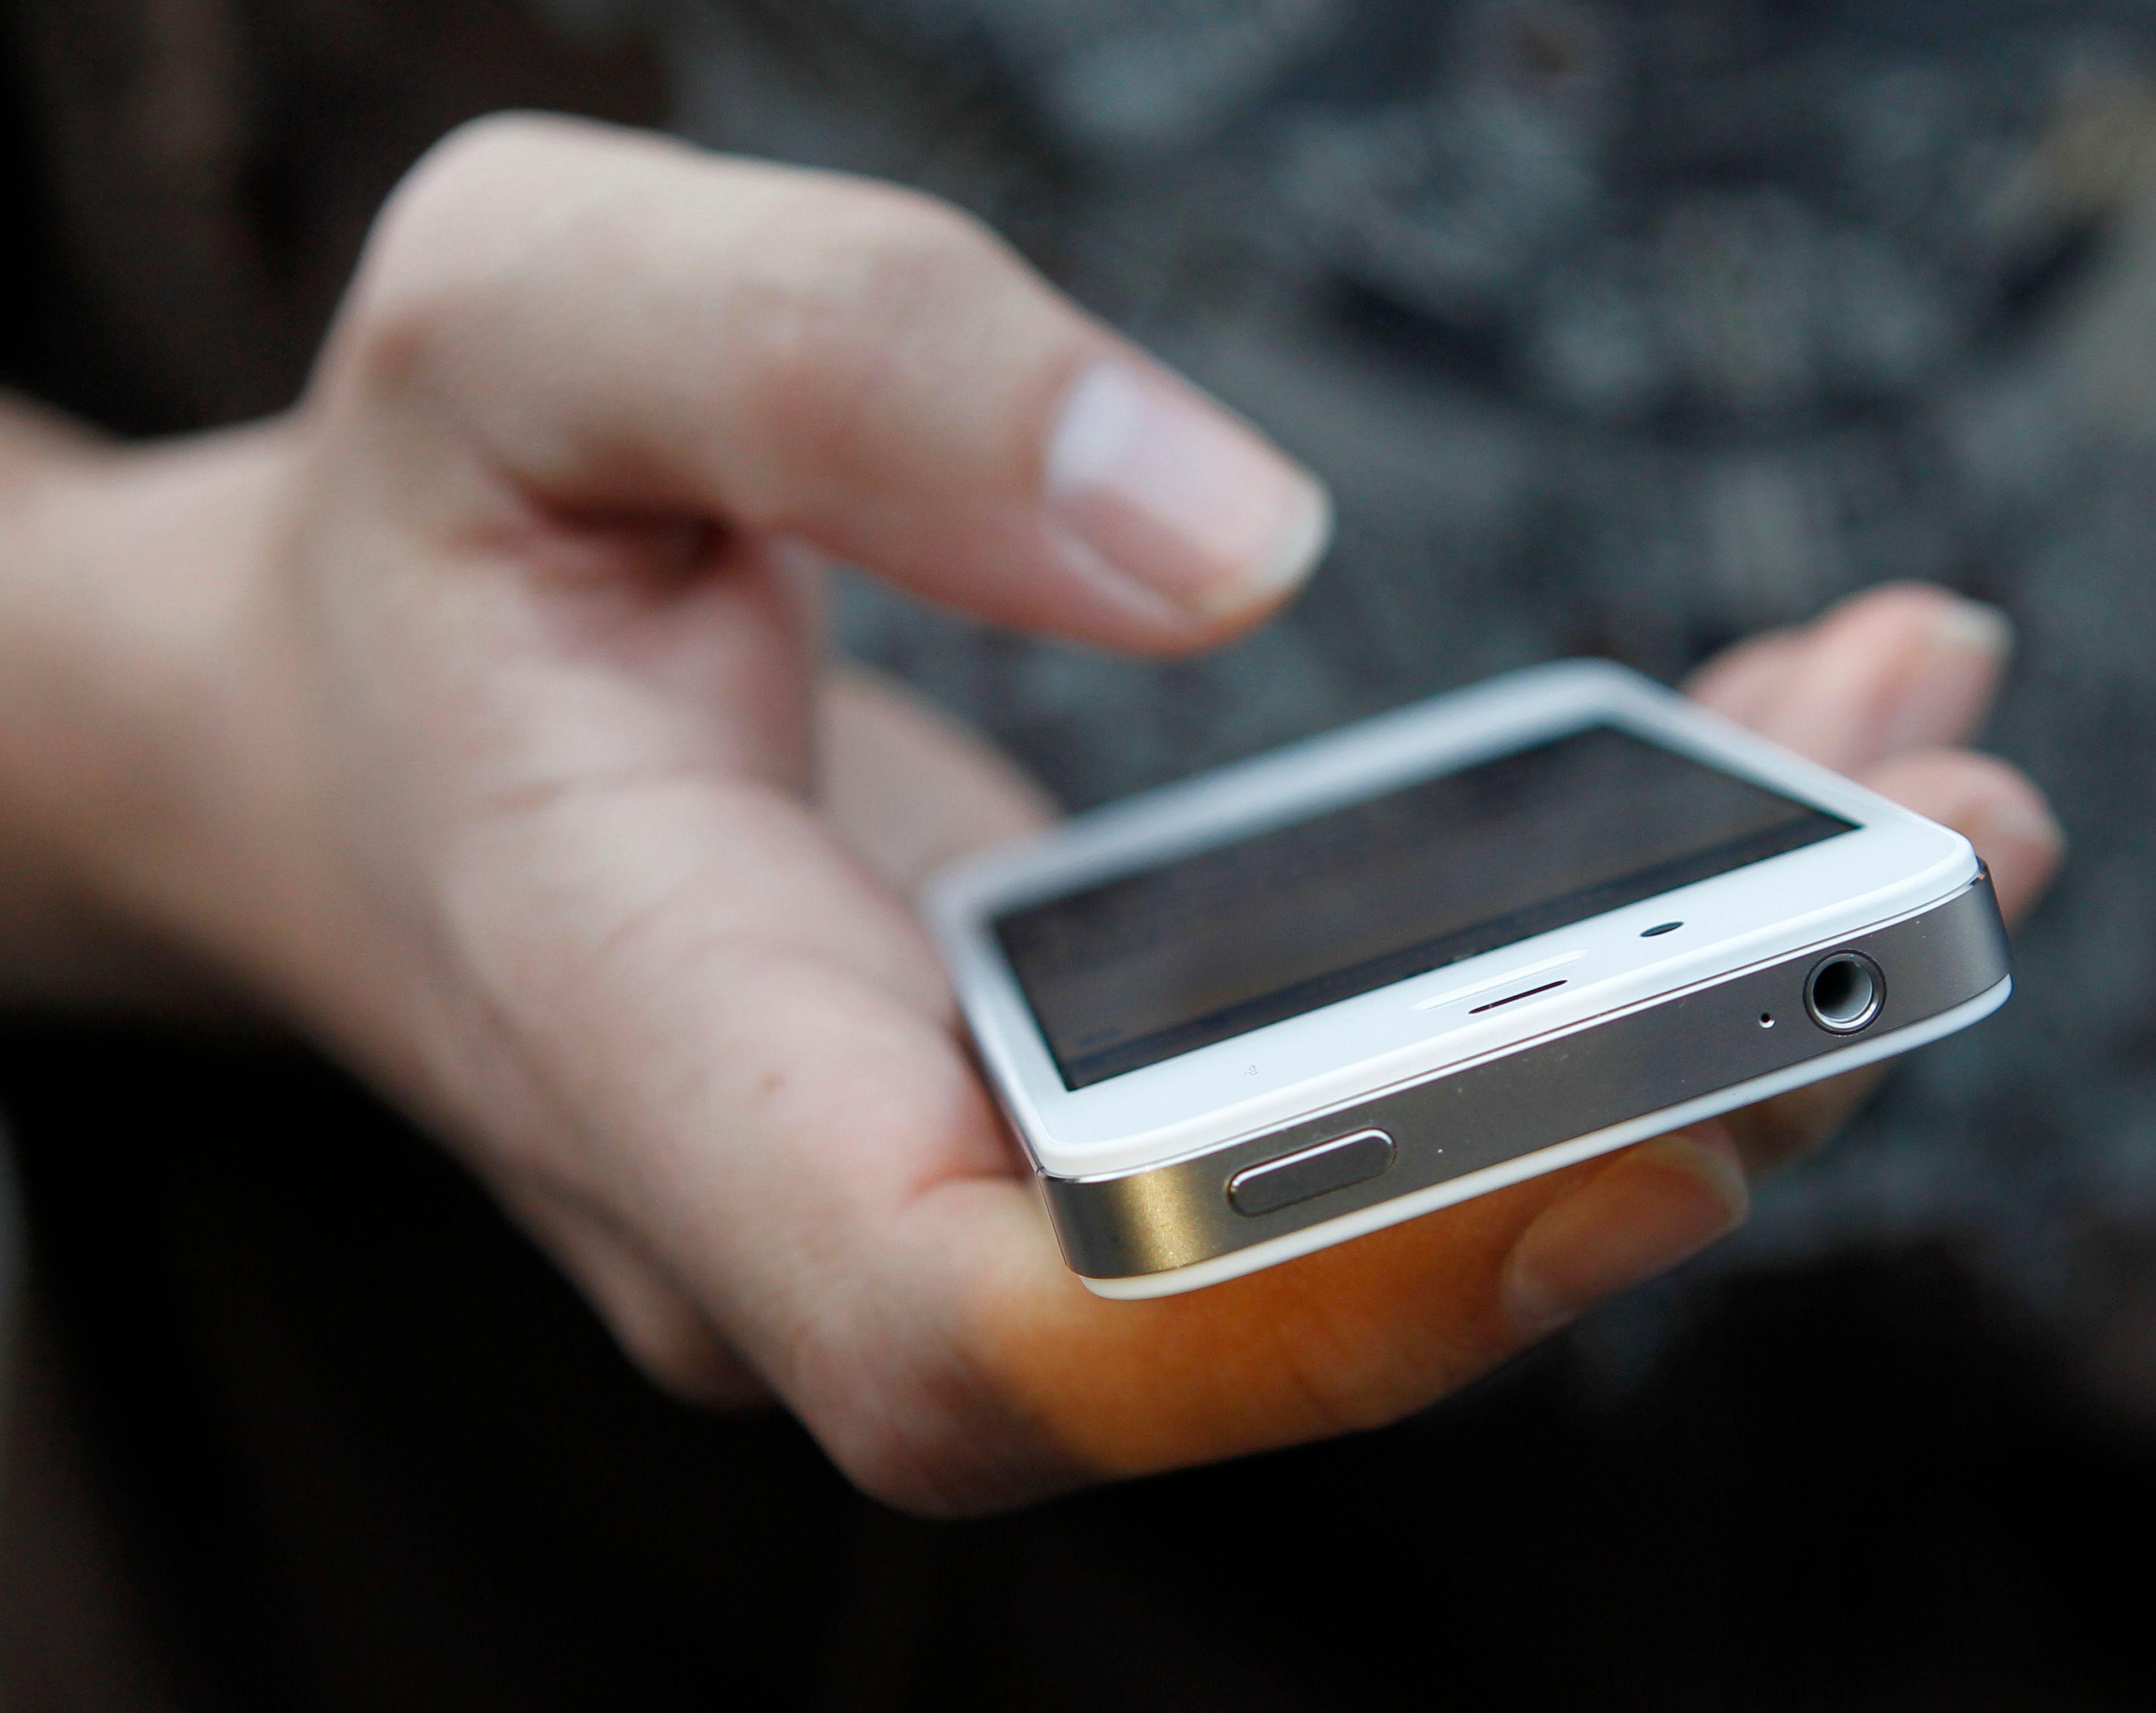 iPhone 5S et iPhone low cost : les deux projets d'Apple ?